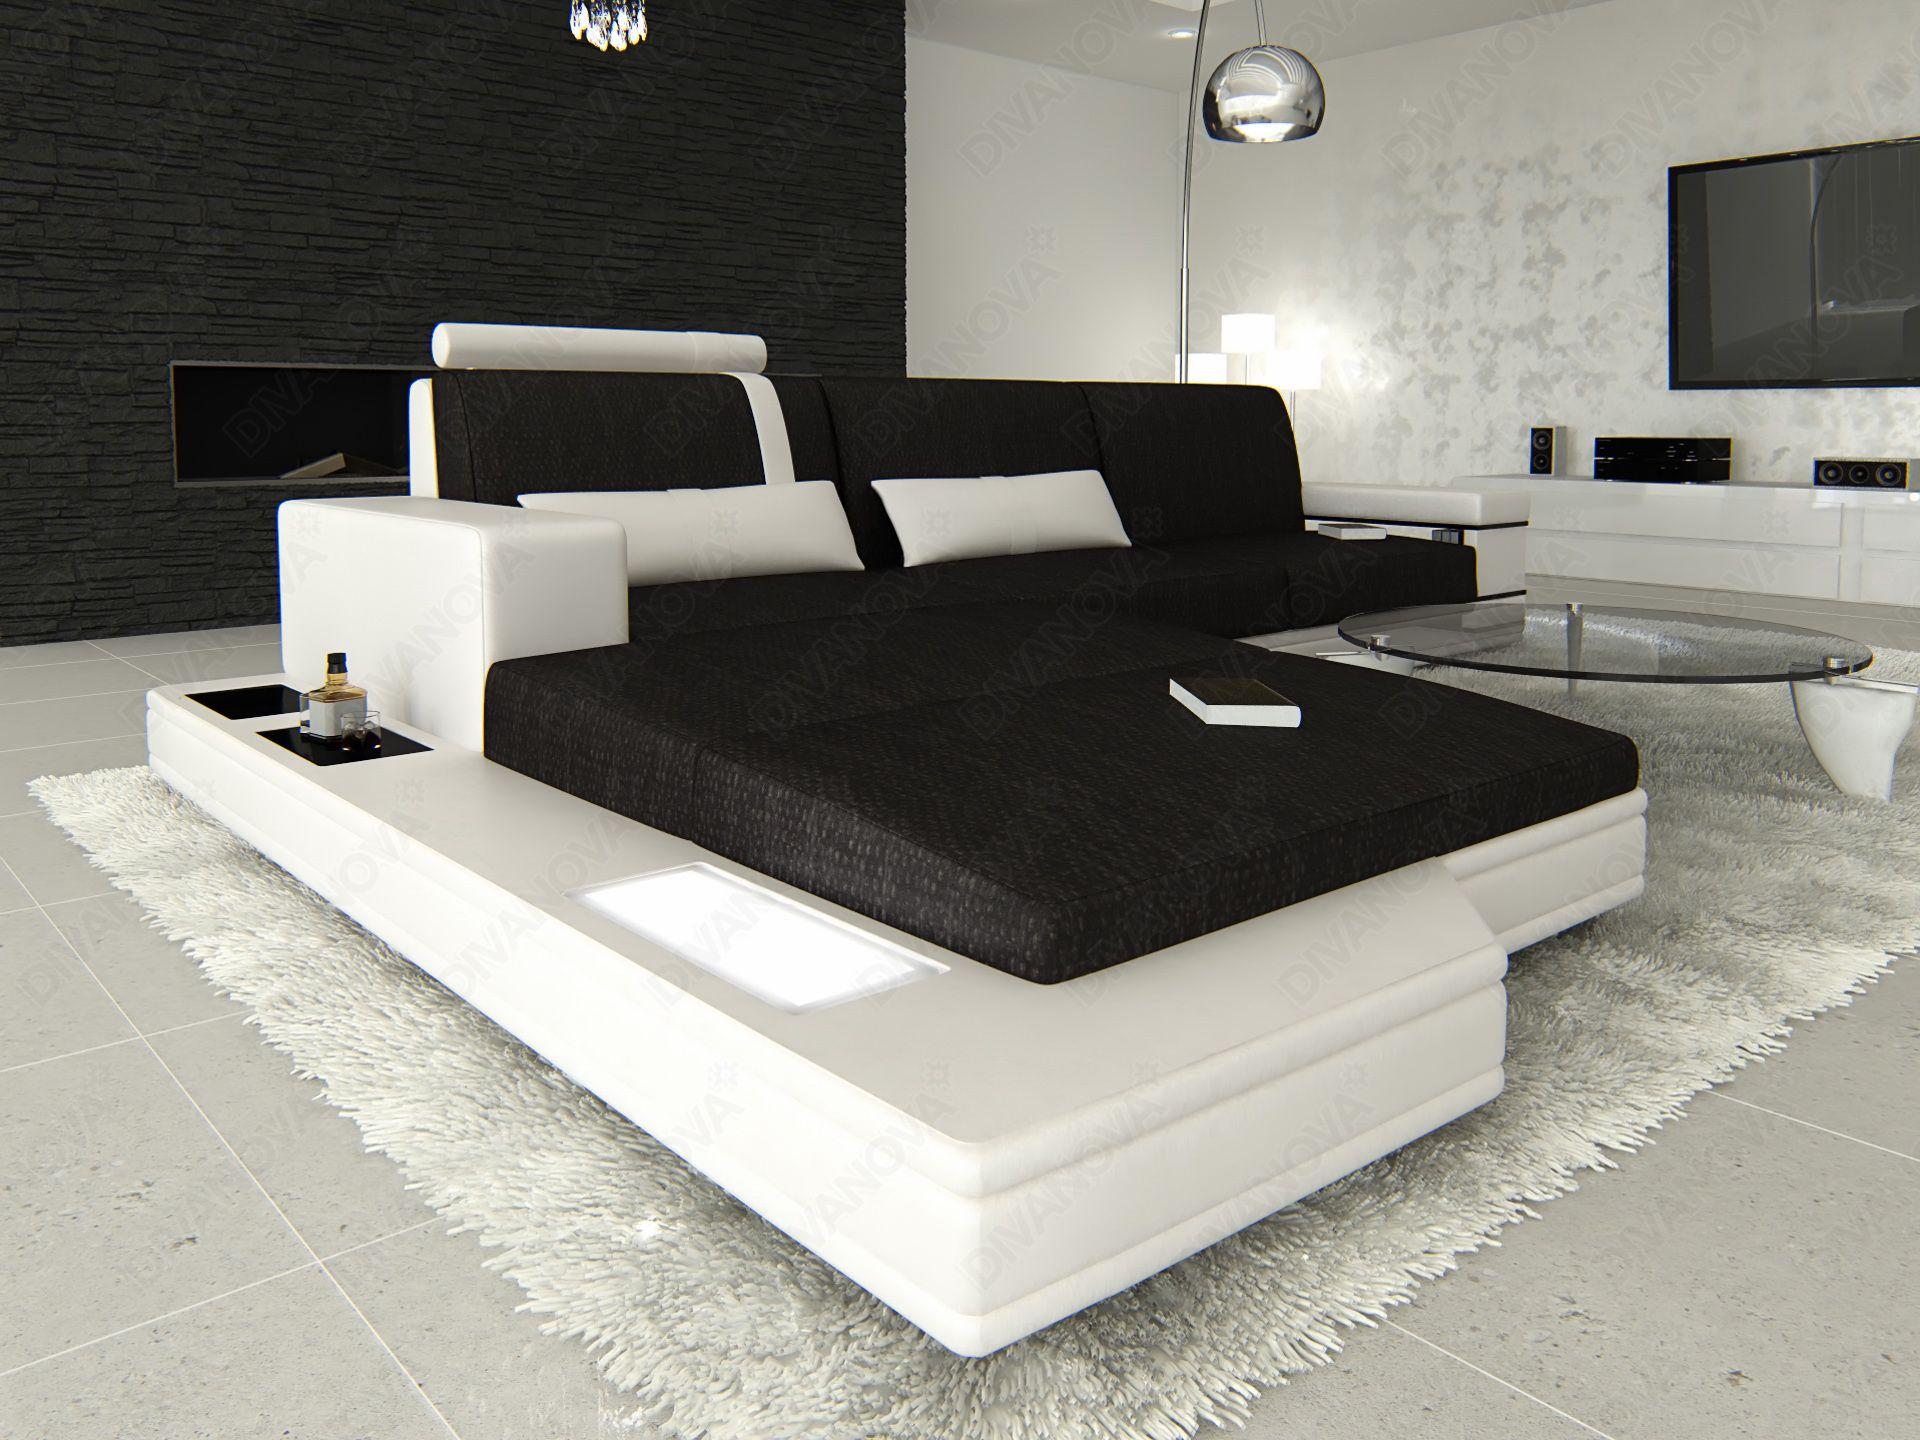 proxima - divano angolare a 3 posti con penisola, in tessuto ... - Ampio Divano Ad Angolo In Tessuto Grigio Bianco